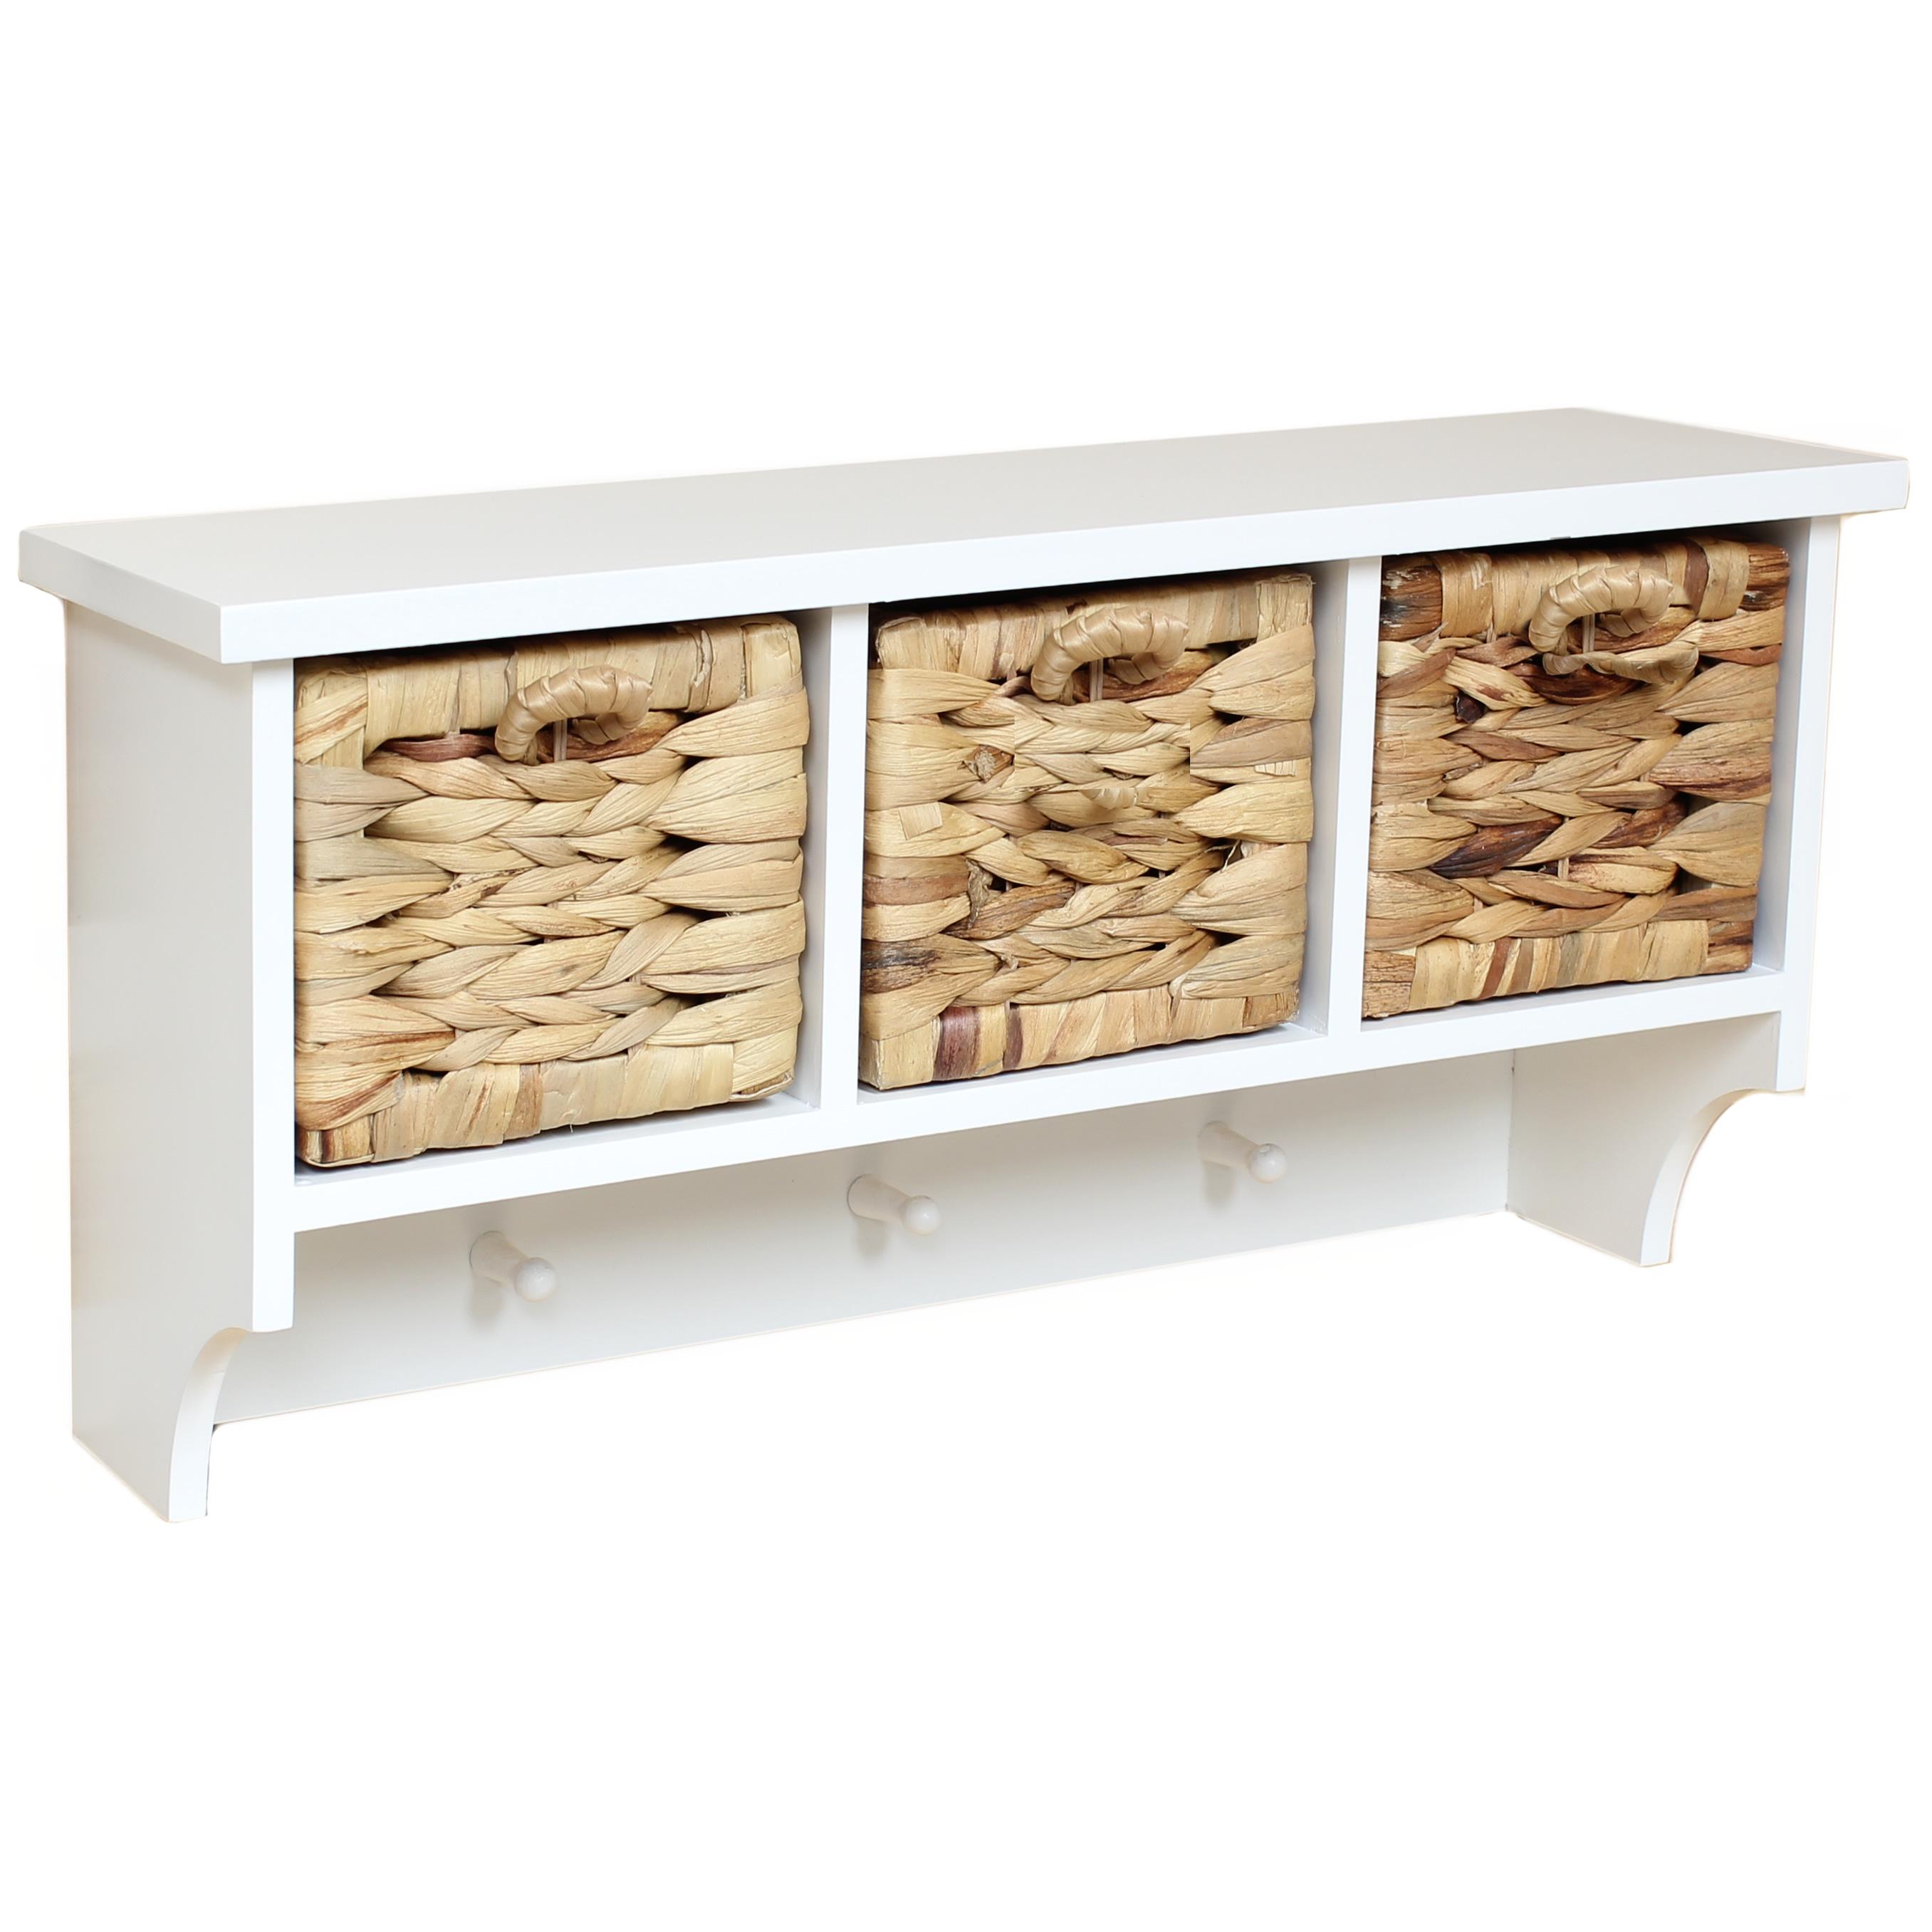 hartleys white hallway wall 3 coat hook rack shelf 3 seagrass storage baskets ebay. Black Bedroom Furniture Sets. Home Design Ideas